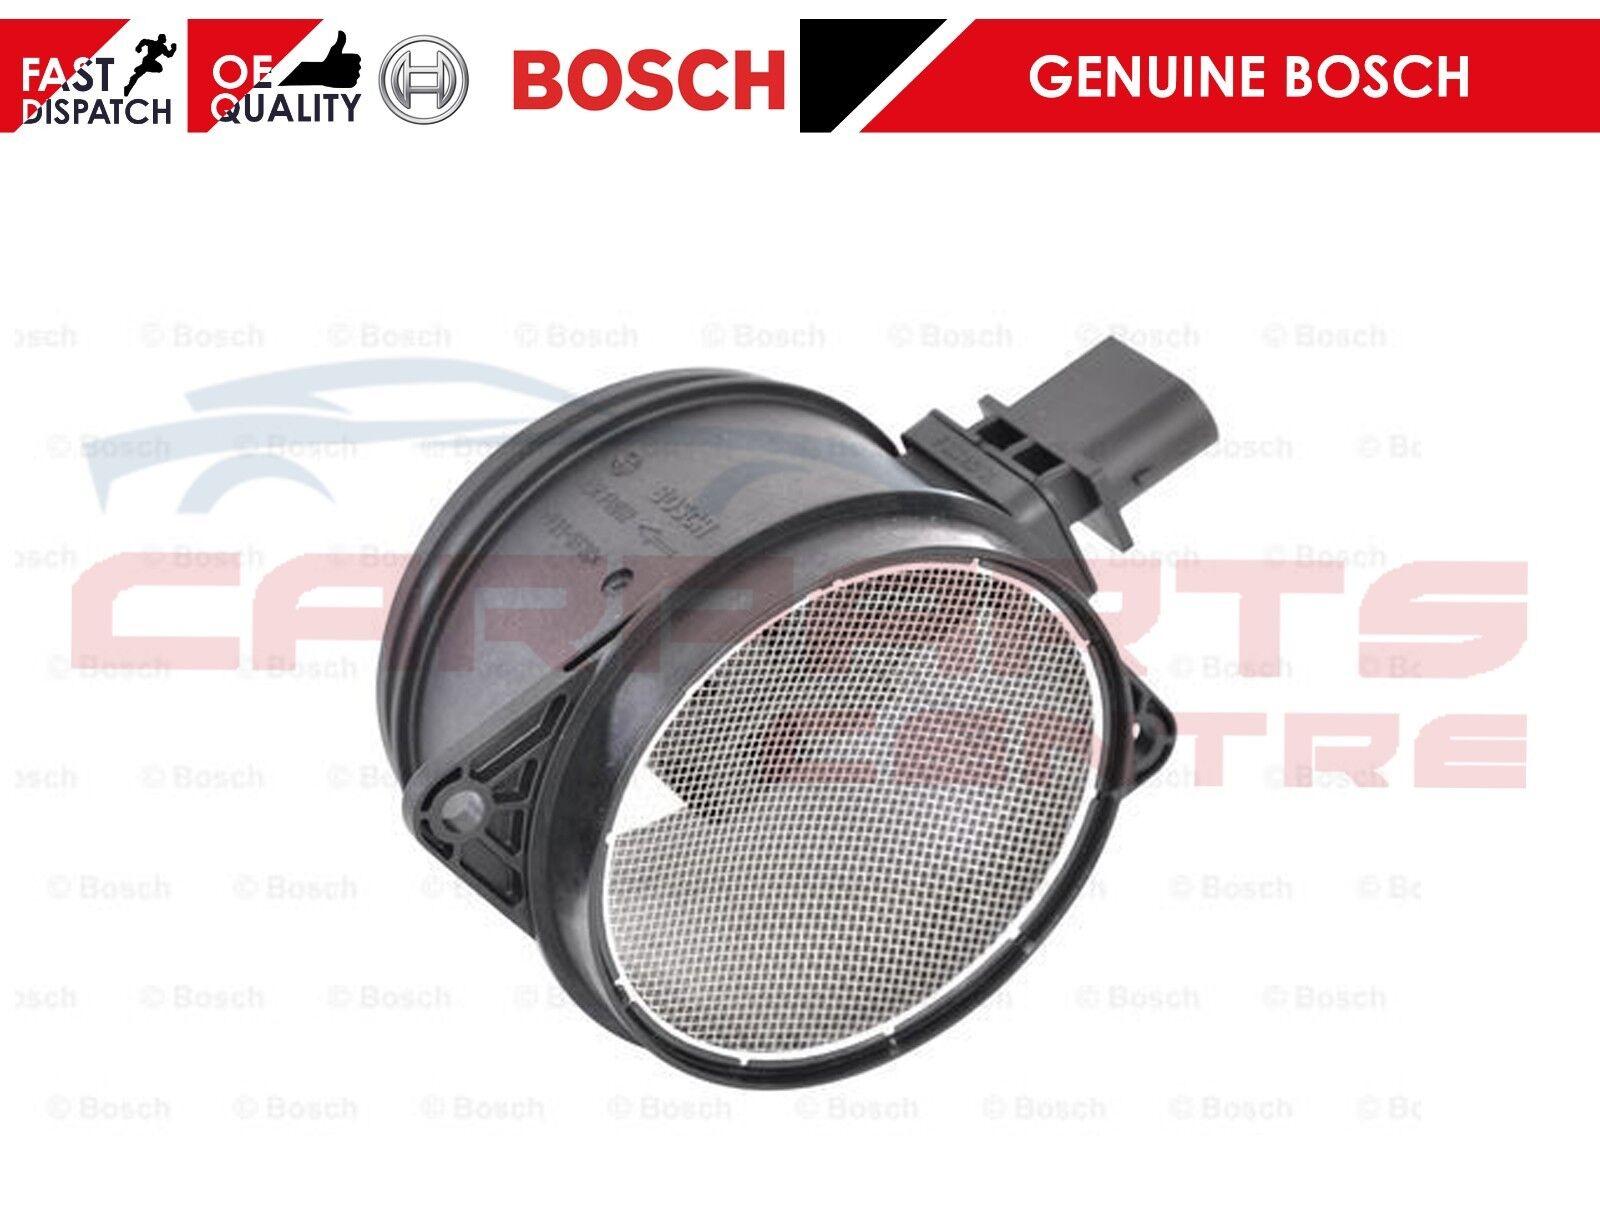 Per serie 3 e90 e91 e92 325d 330d Bosch MASSA Flusso D/'AriA Sensore Metro 13627788744